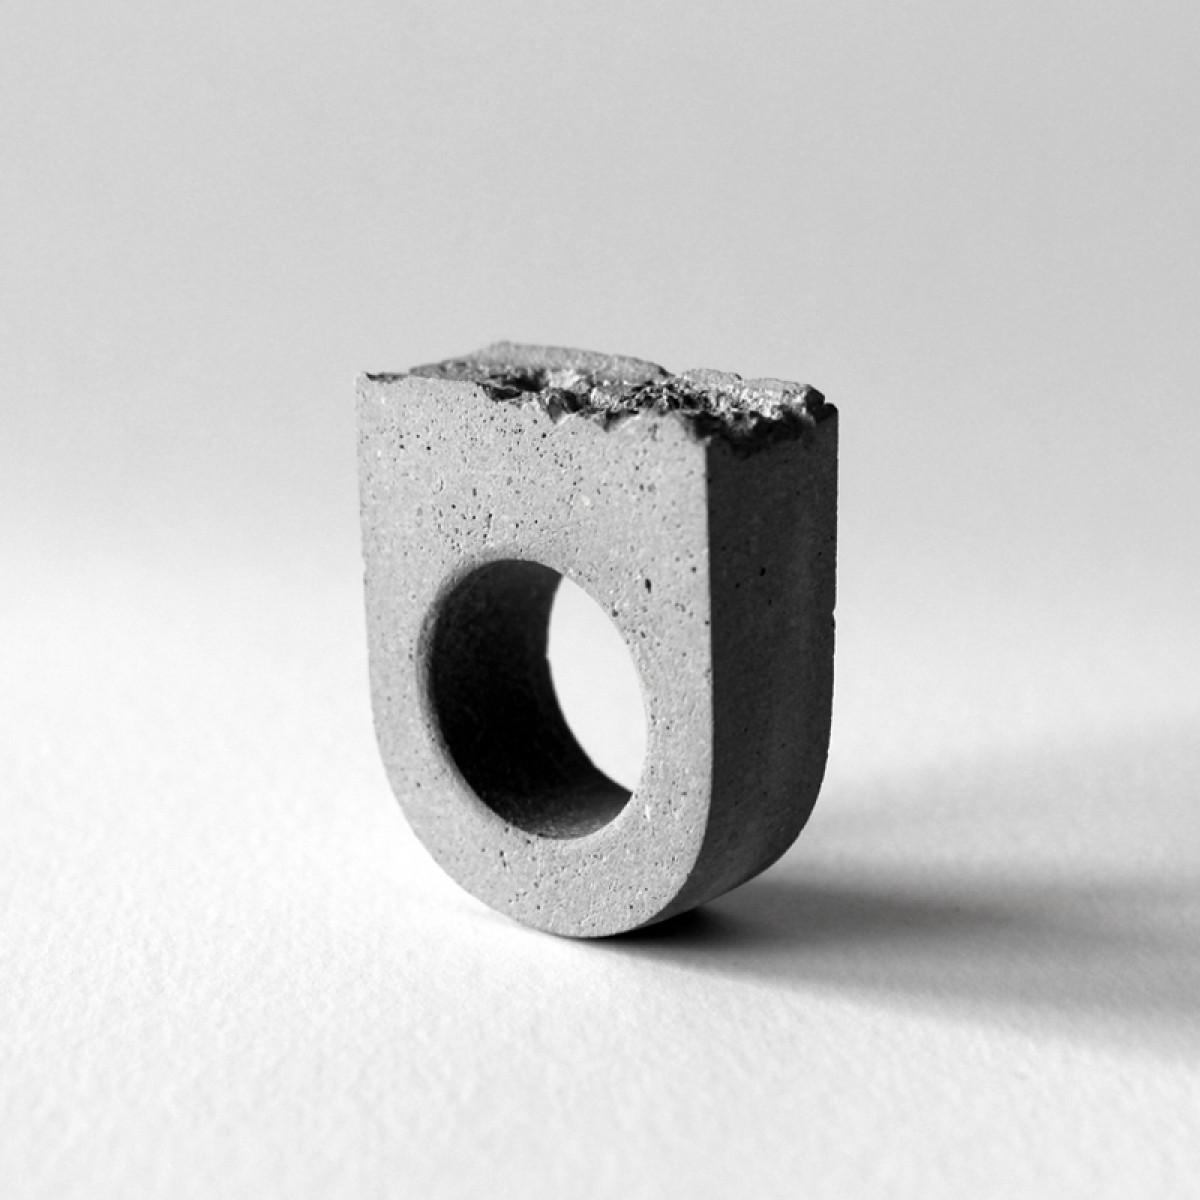 Beton Ring MGCT, Brutalismus, moderner Ring, moderner Schmuck, minimalistischer Schmuck, Schmuck für Architekten.